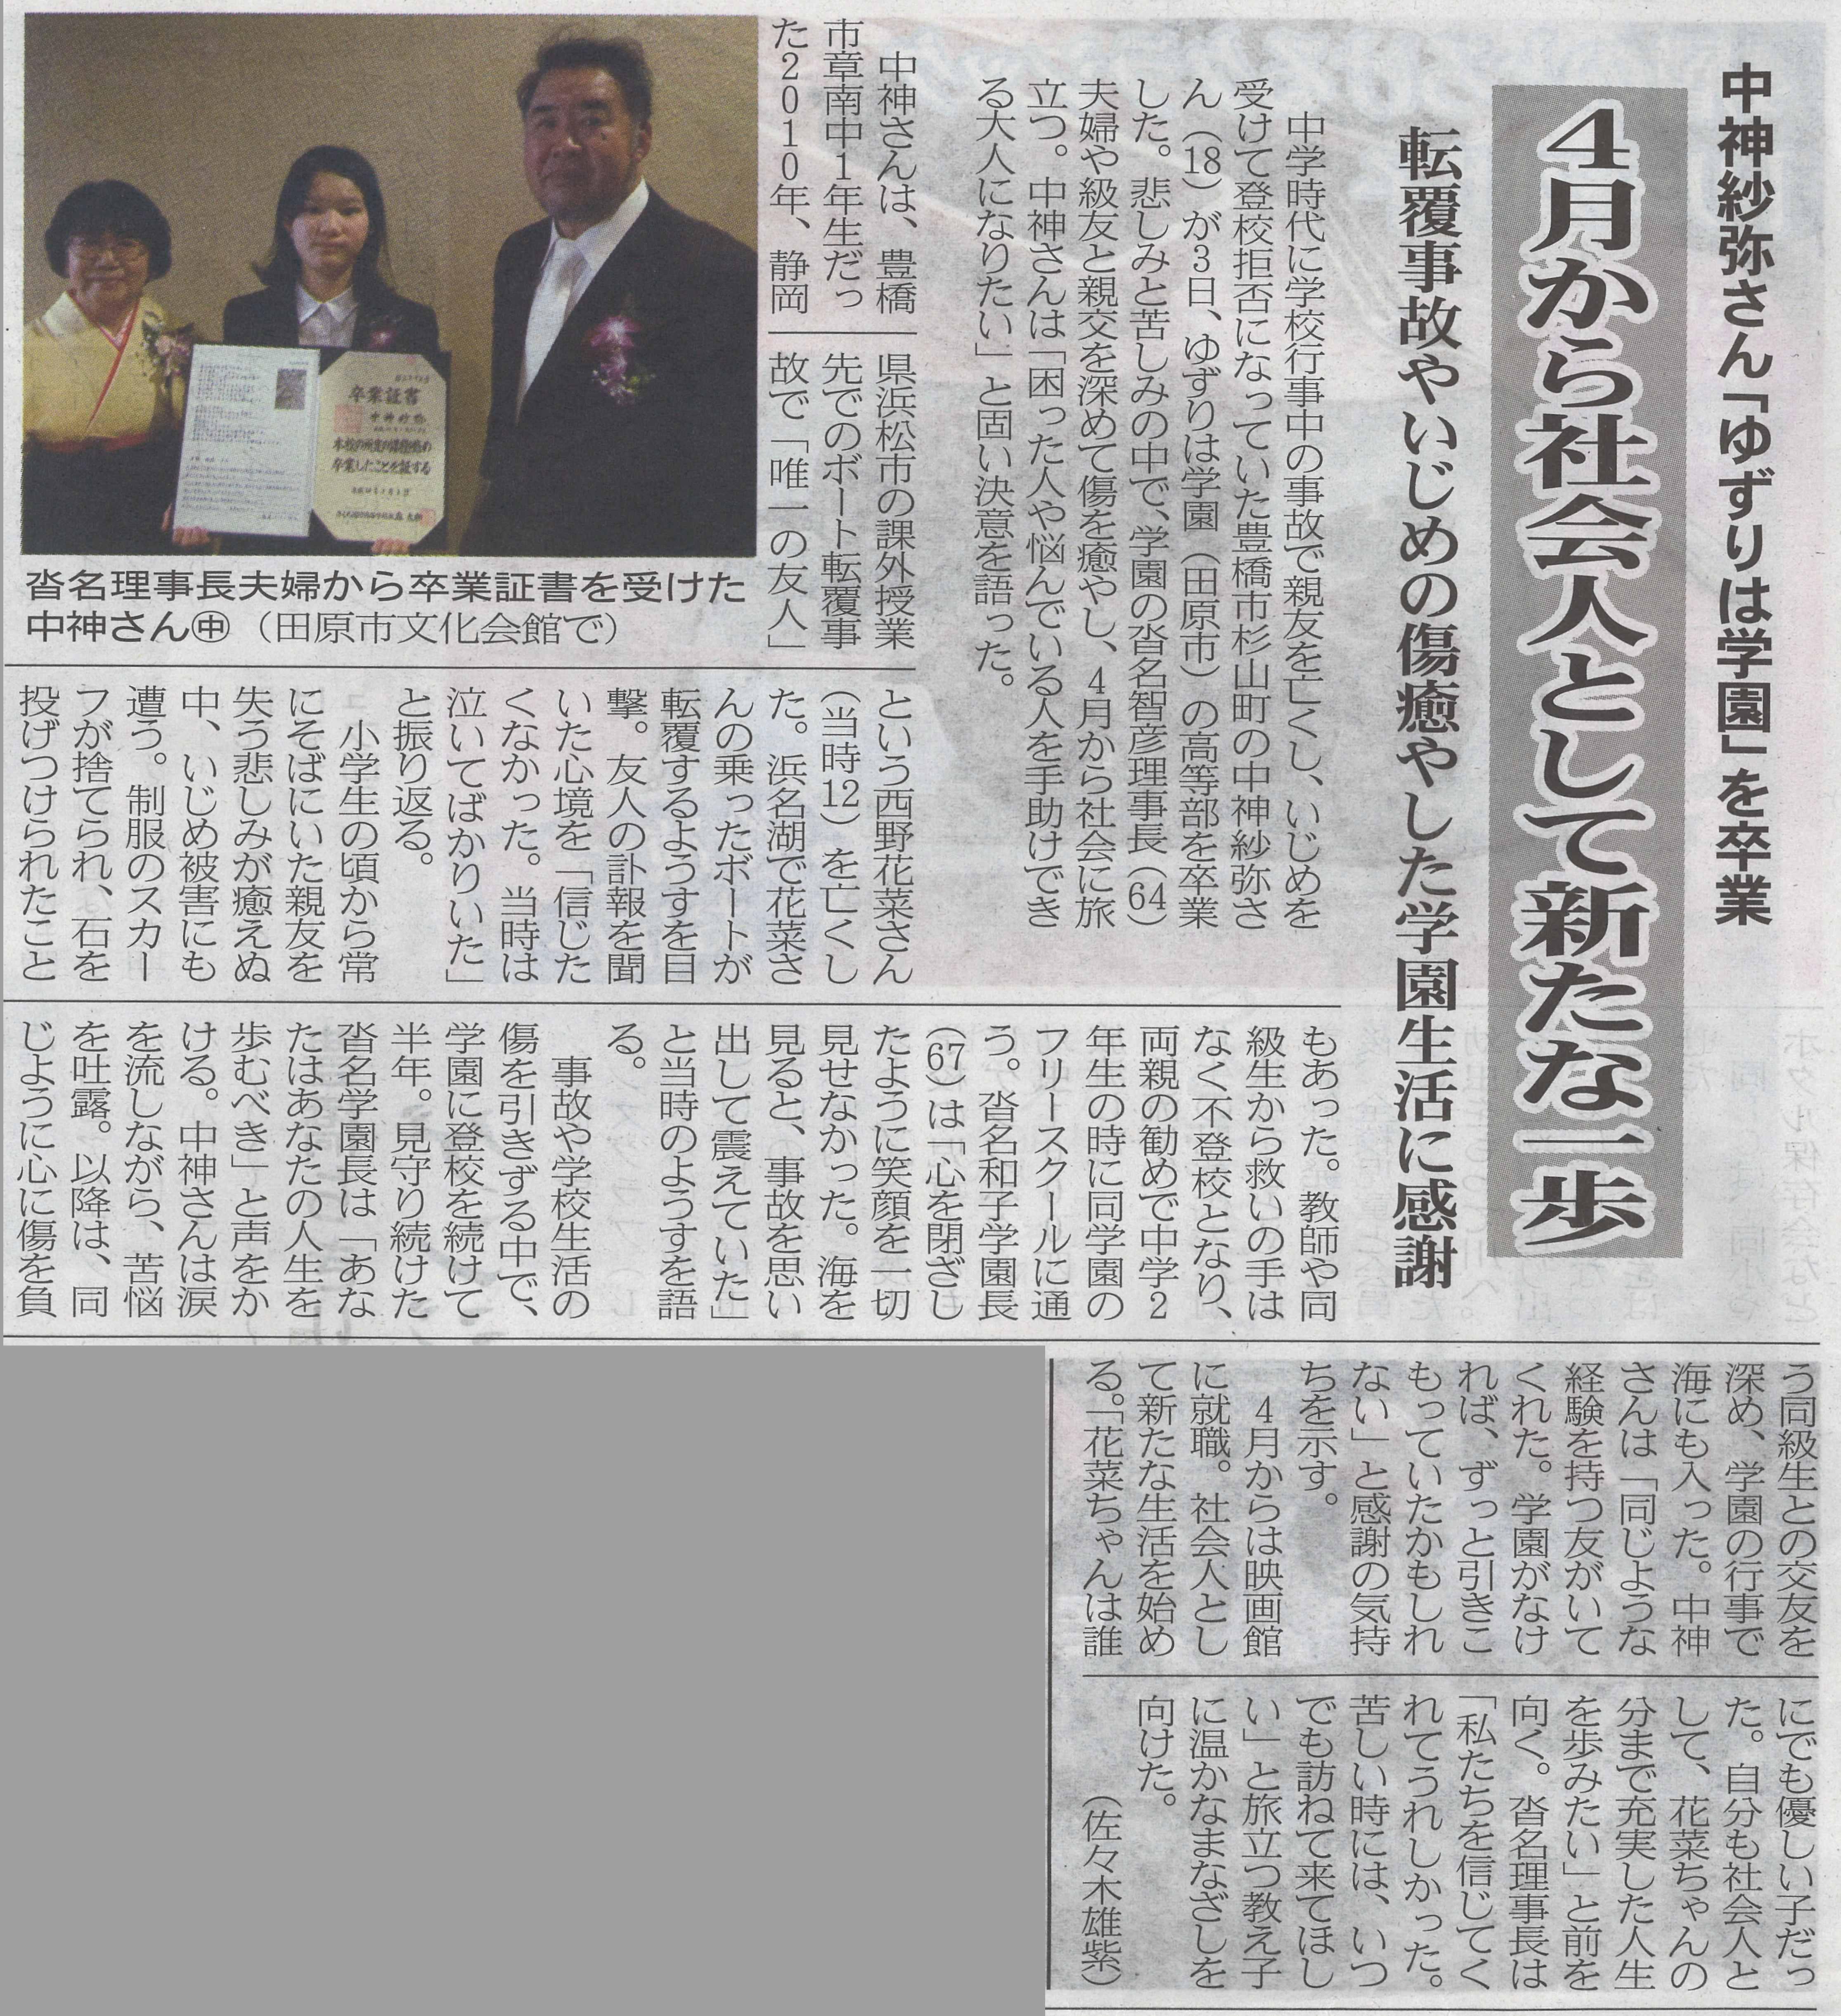 028_ 東日新聞掲載「4月から社会人として新たな一歩」